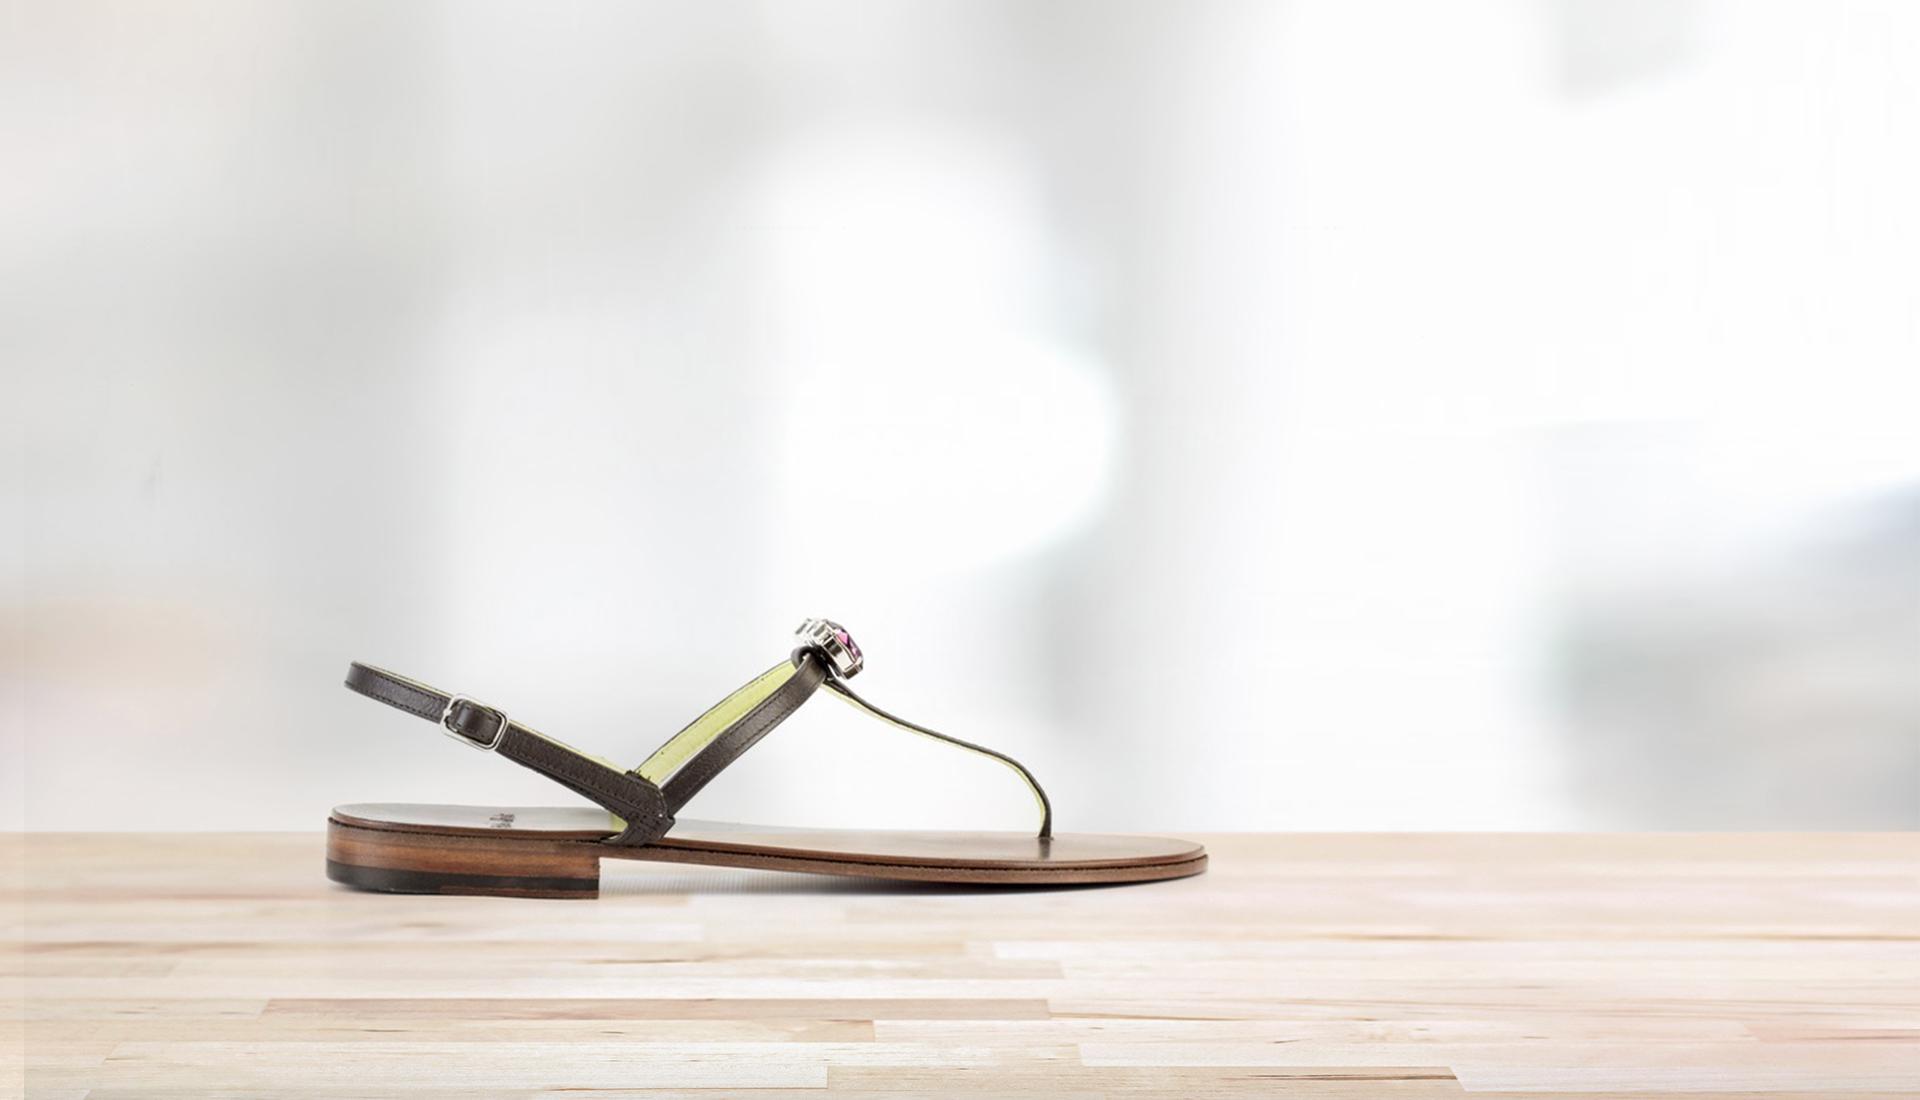 Calzado artesano hecho en Mallorca